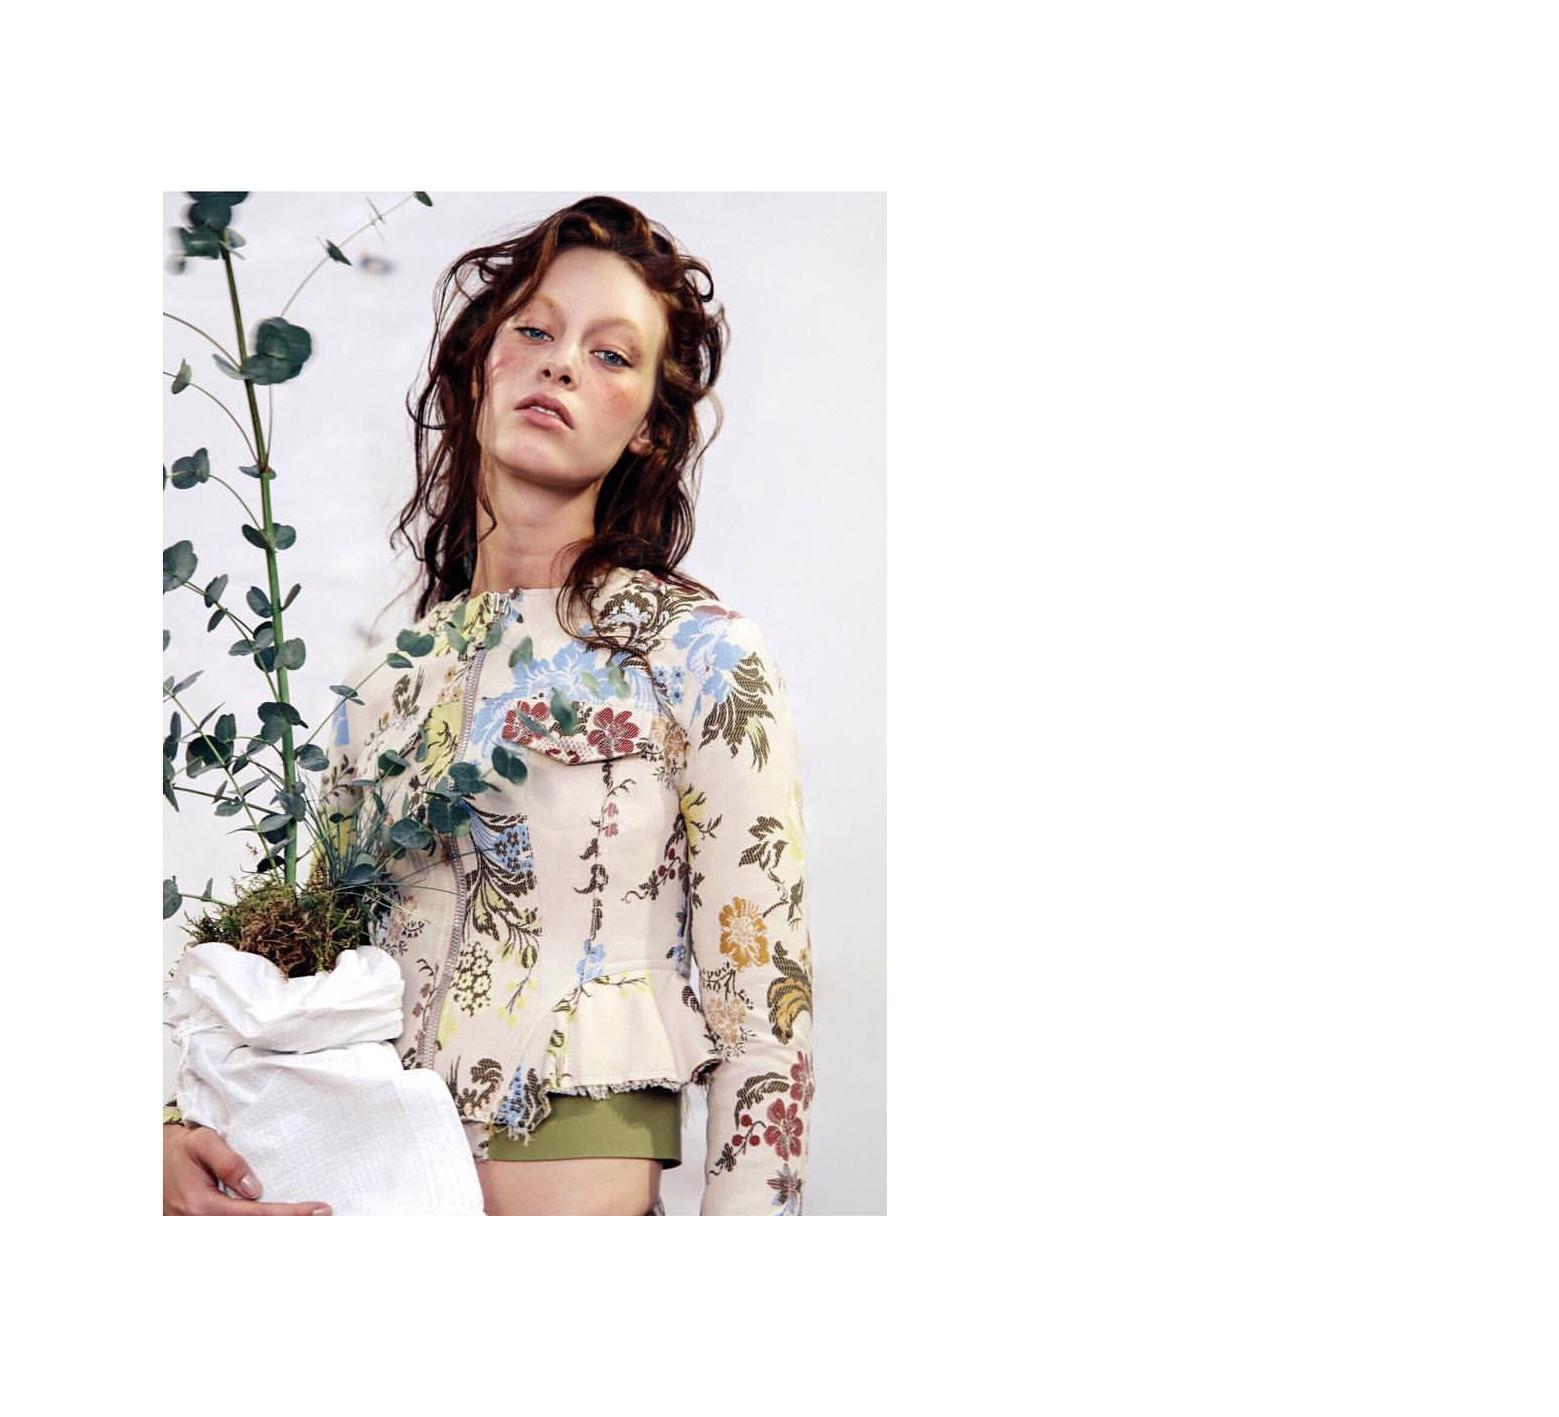 V Magazine USA 'Londonds Spring Awakening' Feb 2018